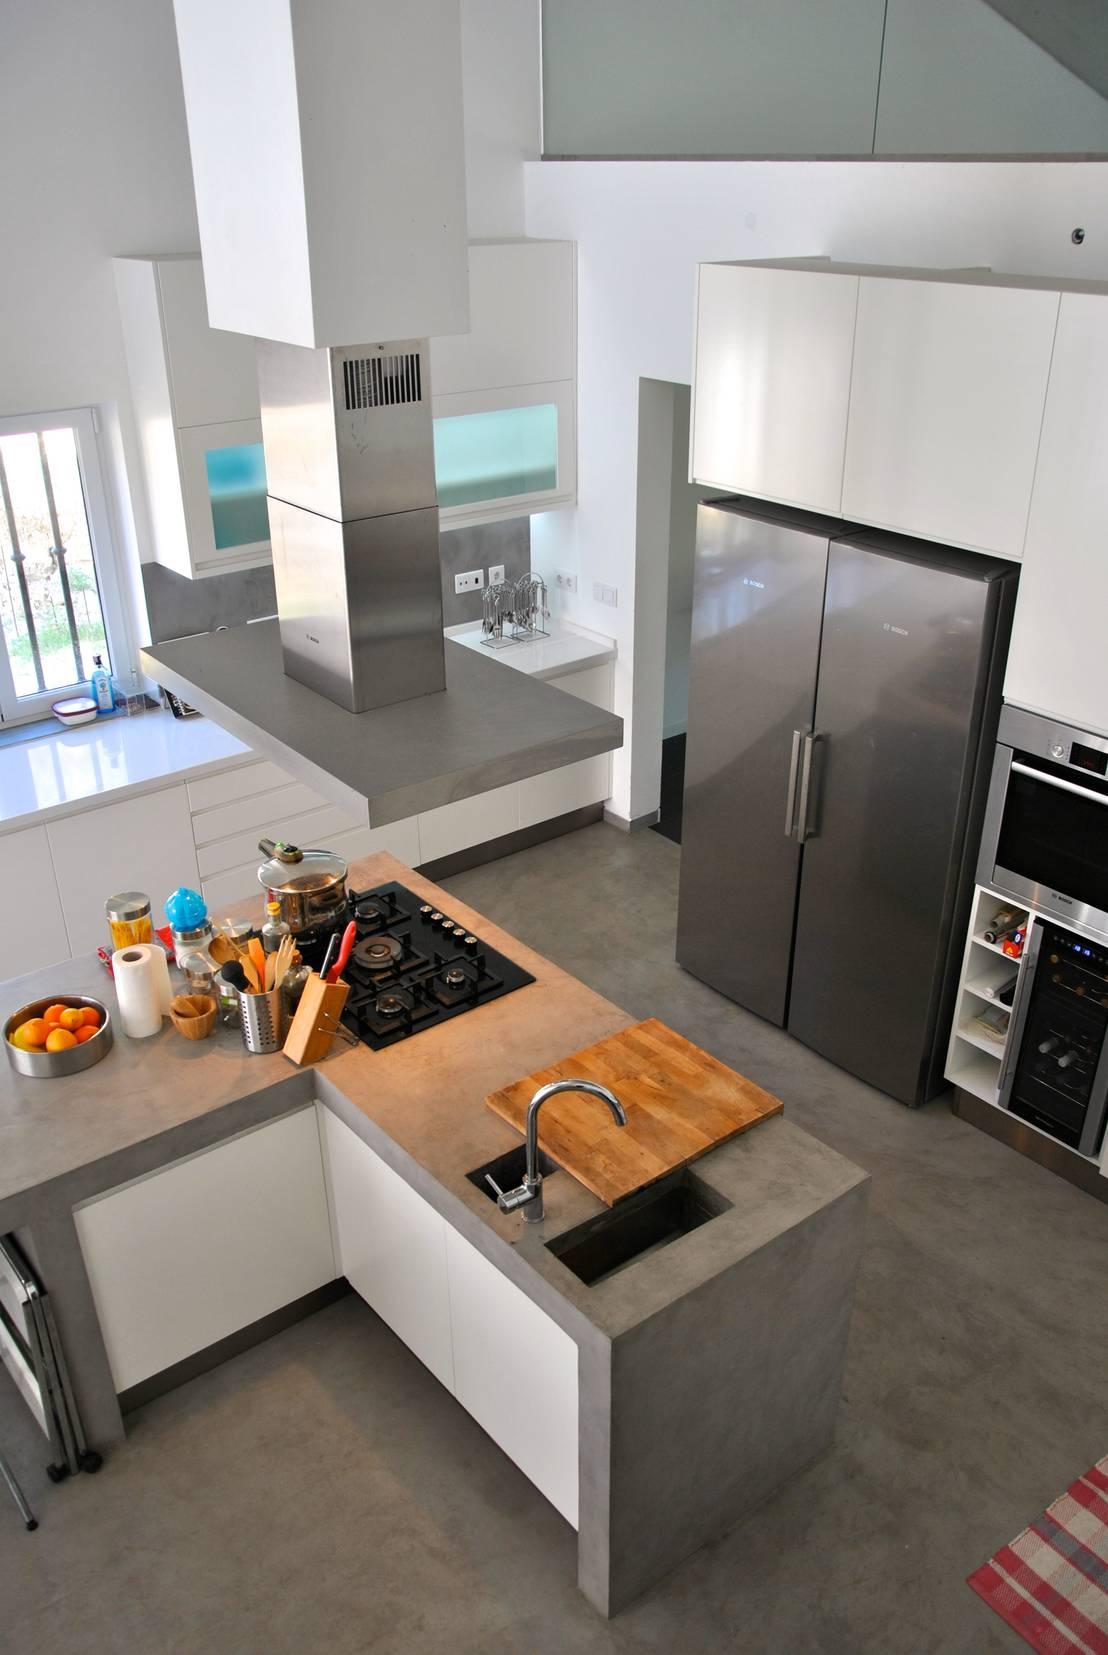 9 cocinas de concreto perfectas para el hogar for Cocinas profesionales para el hogar